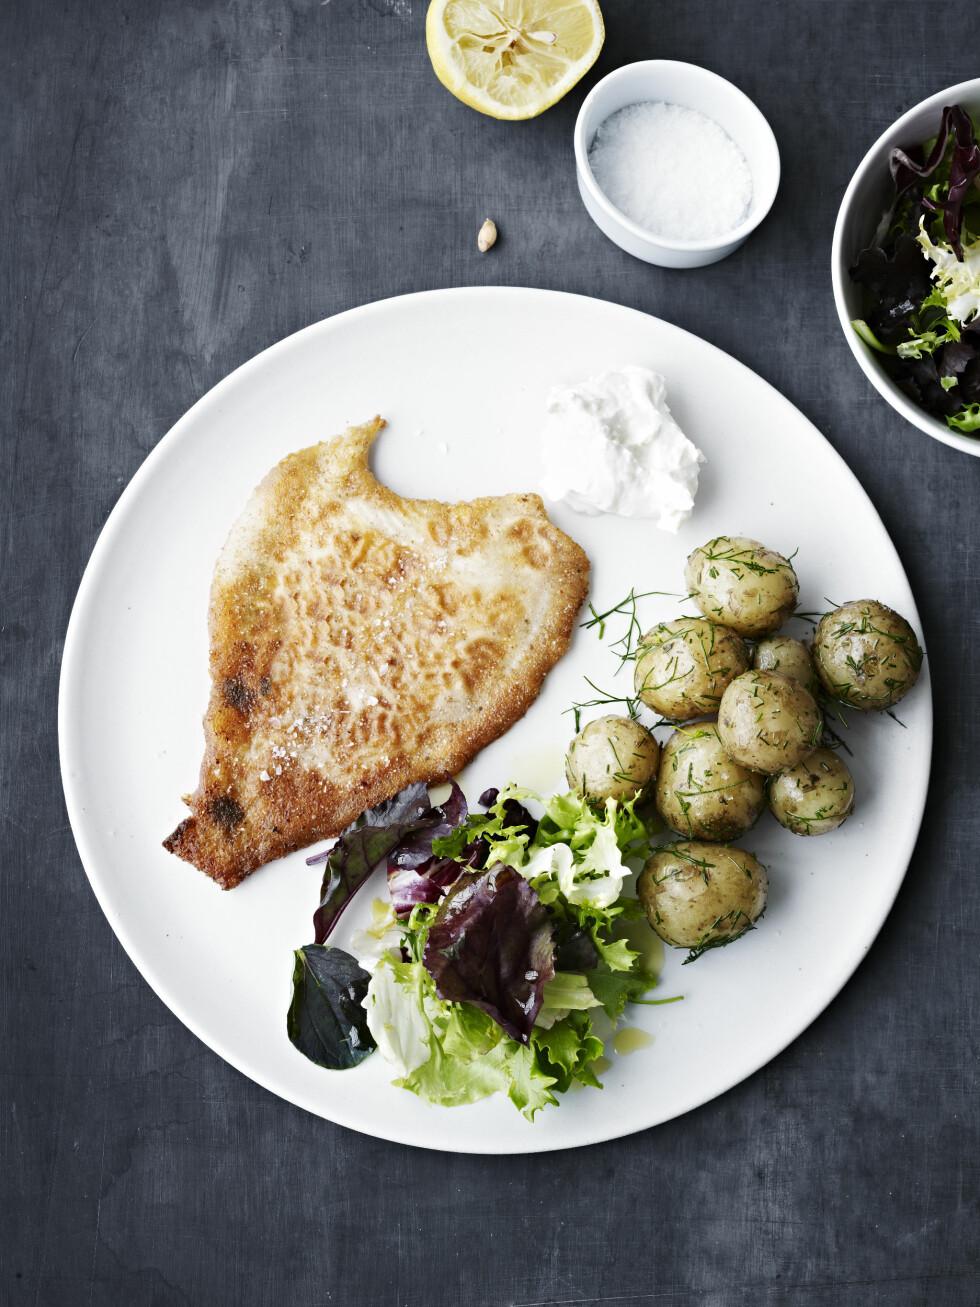 HERLIG FISKERETT: Nypoteter, dill og nydelig rødspette passer perfekt til middag! Foto: All Over Press